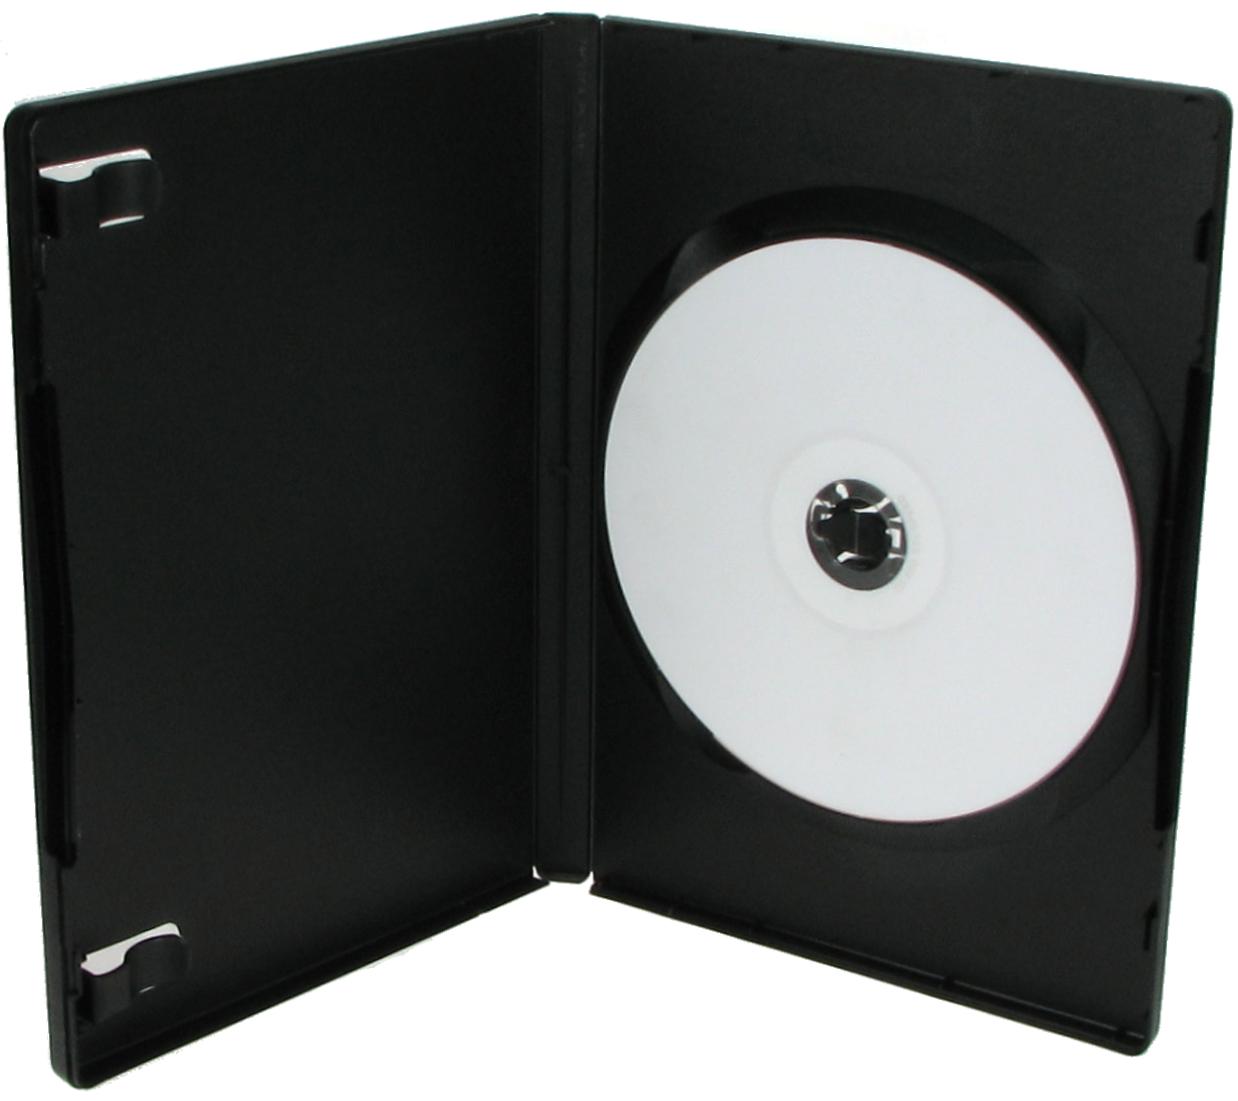 Θήκη DVD Μονή Μαύρη